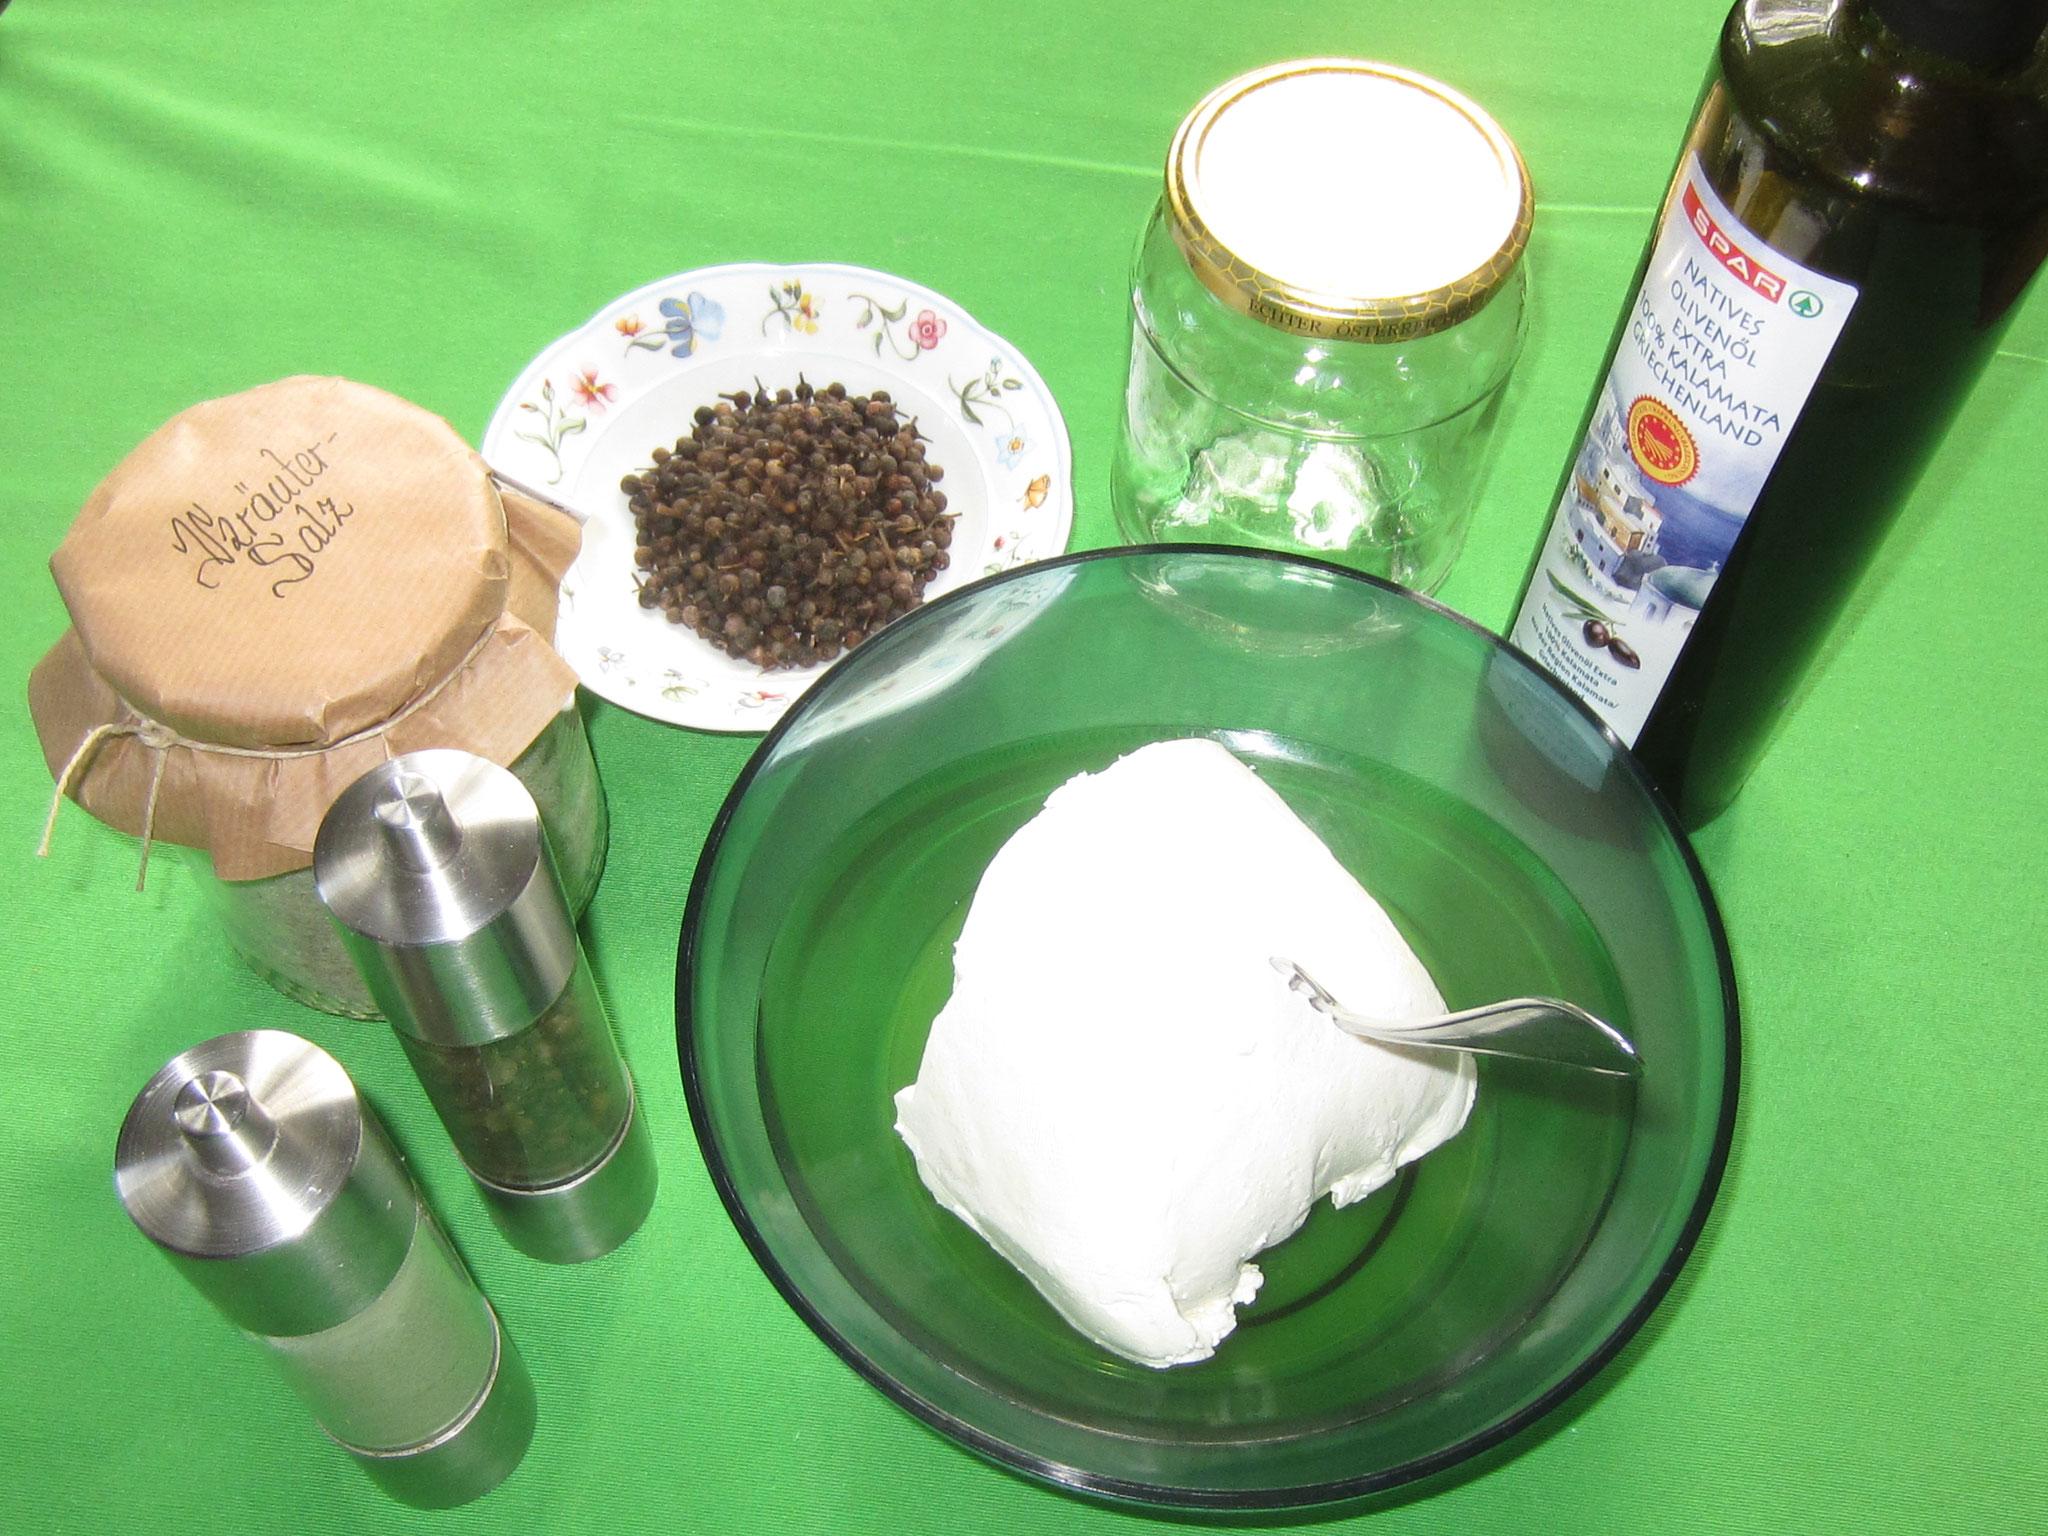 zutaten: ziegenfrischkäse, kräutersalz, kubebenpfeffer(heilpflanze des jahres 2016), ein großes glas, olivenöl, ein zweigerl rosmarin